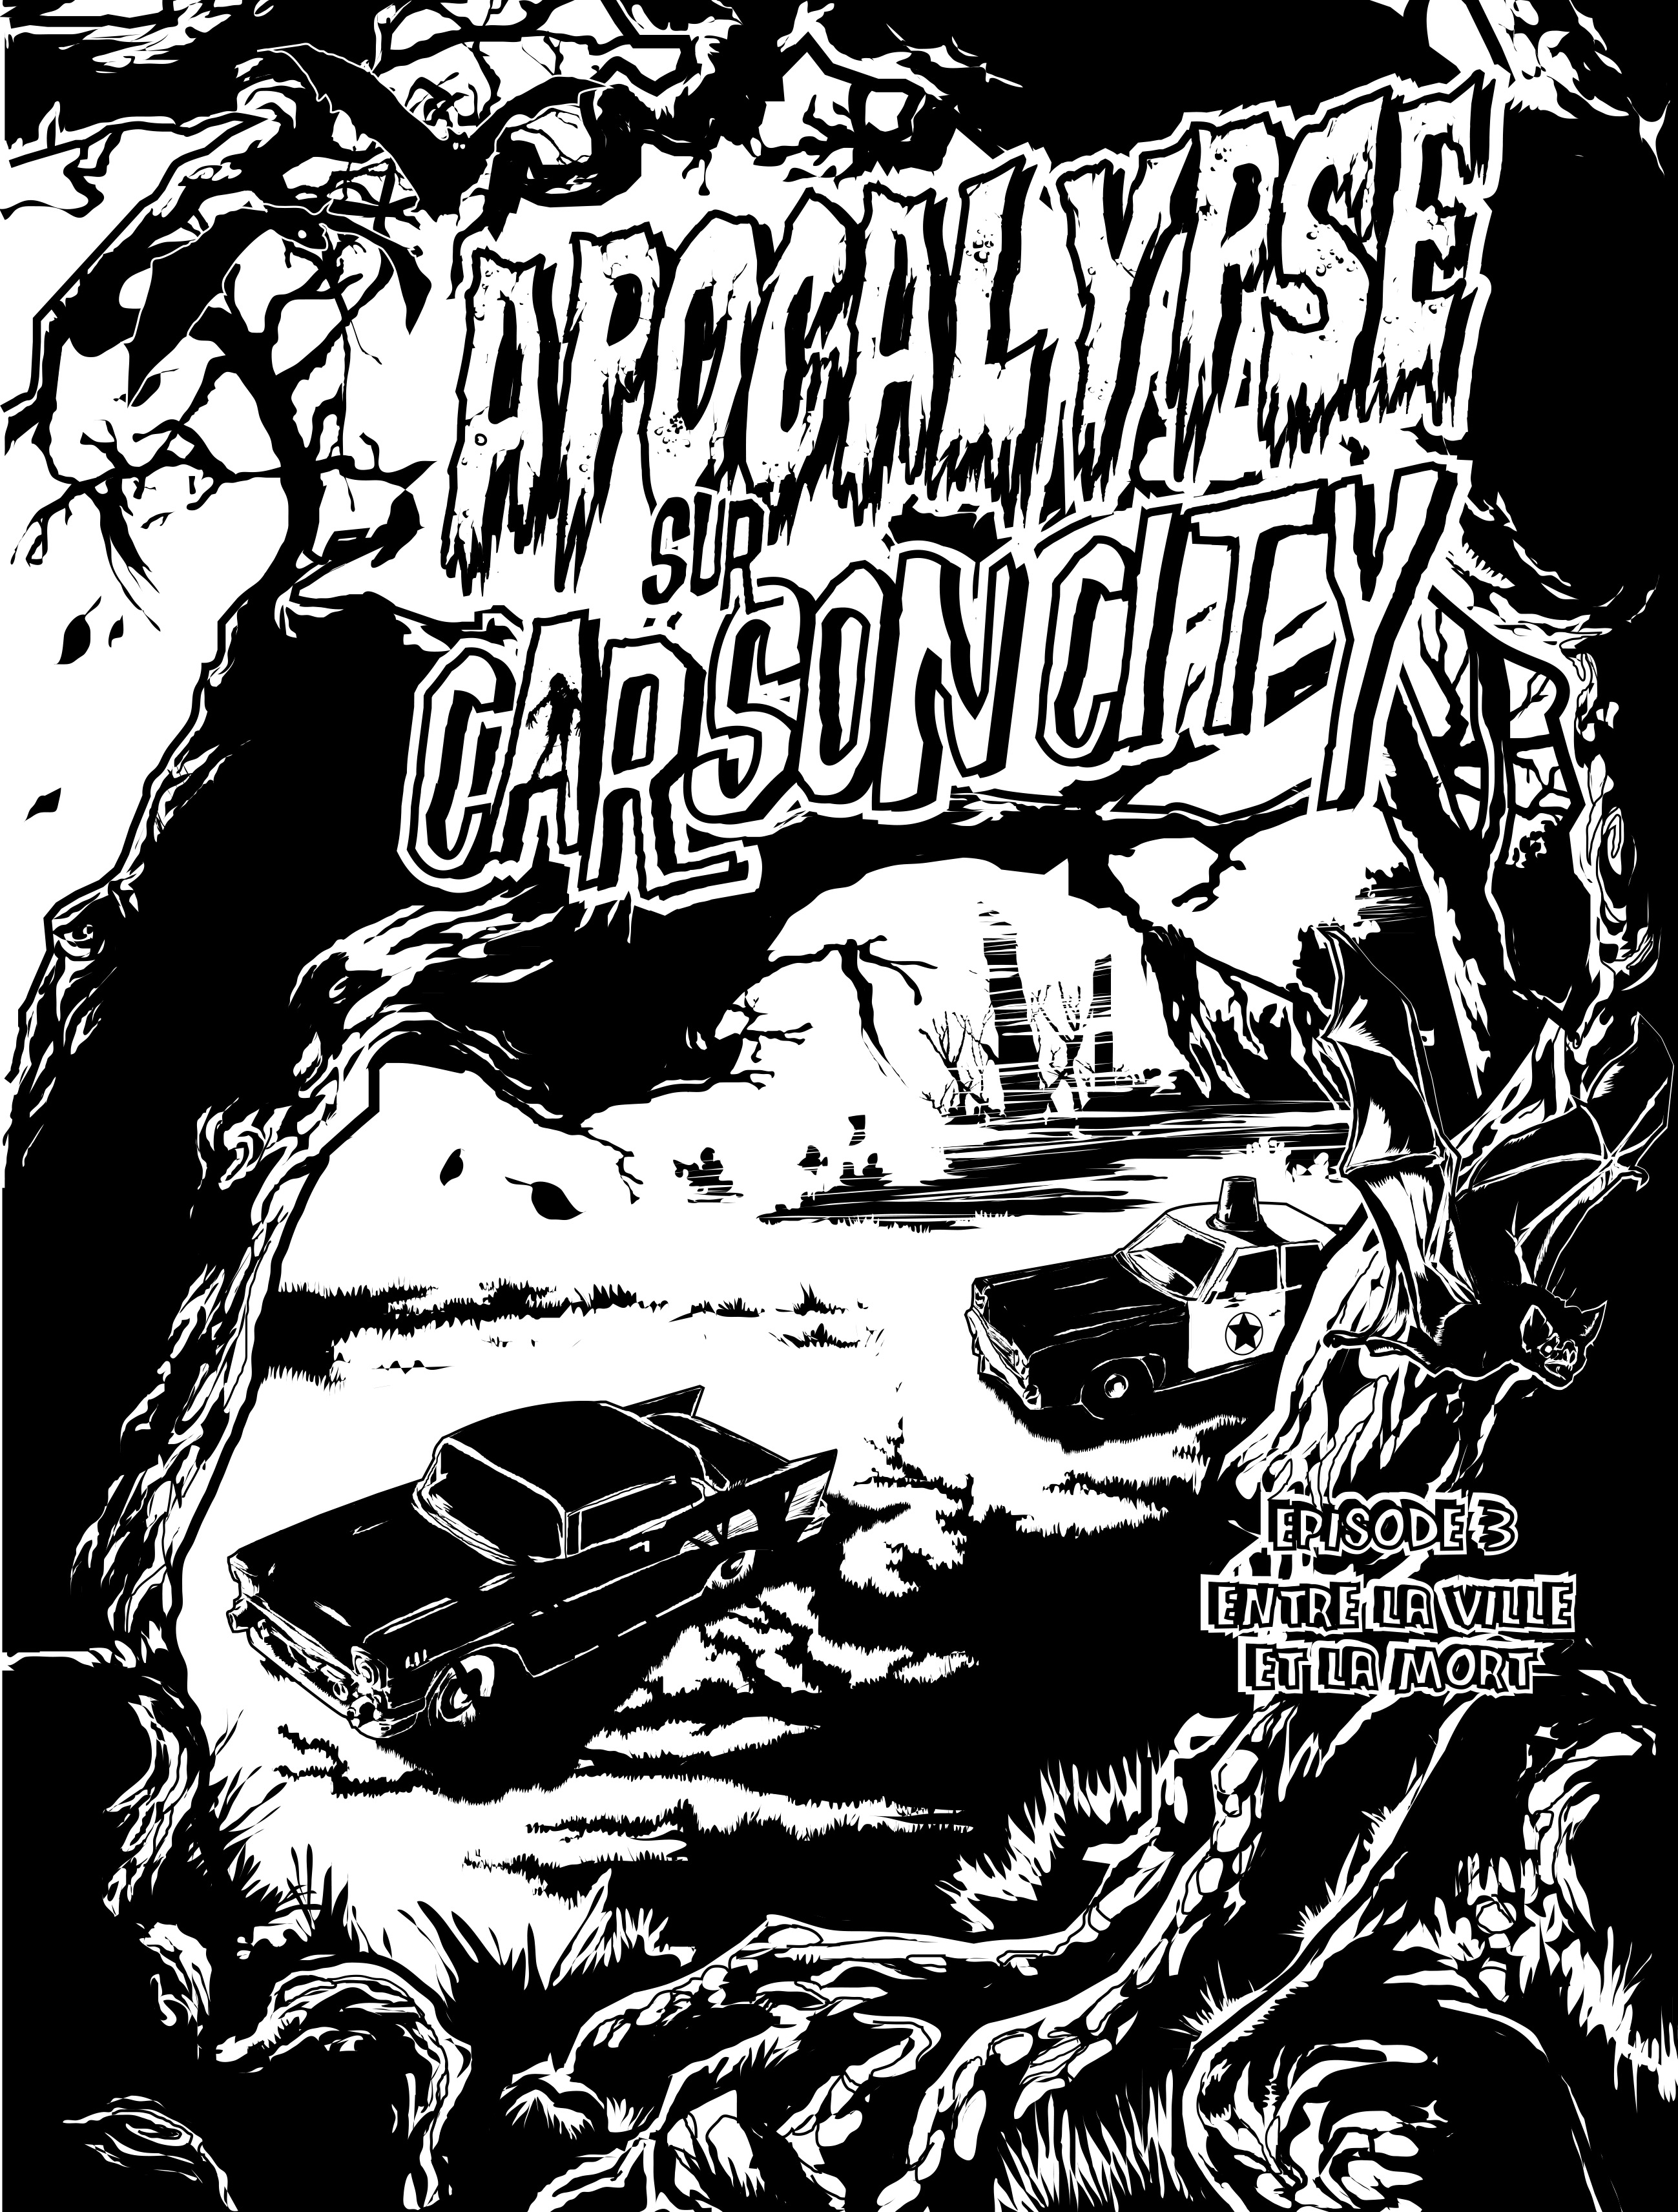 ApocalypseSurCarsonCity-3-11